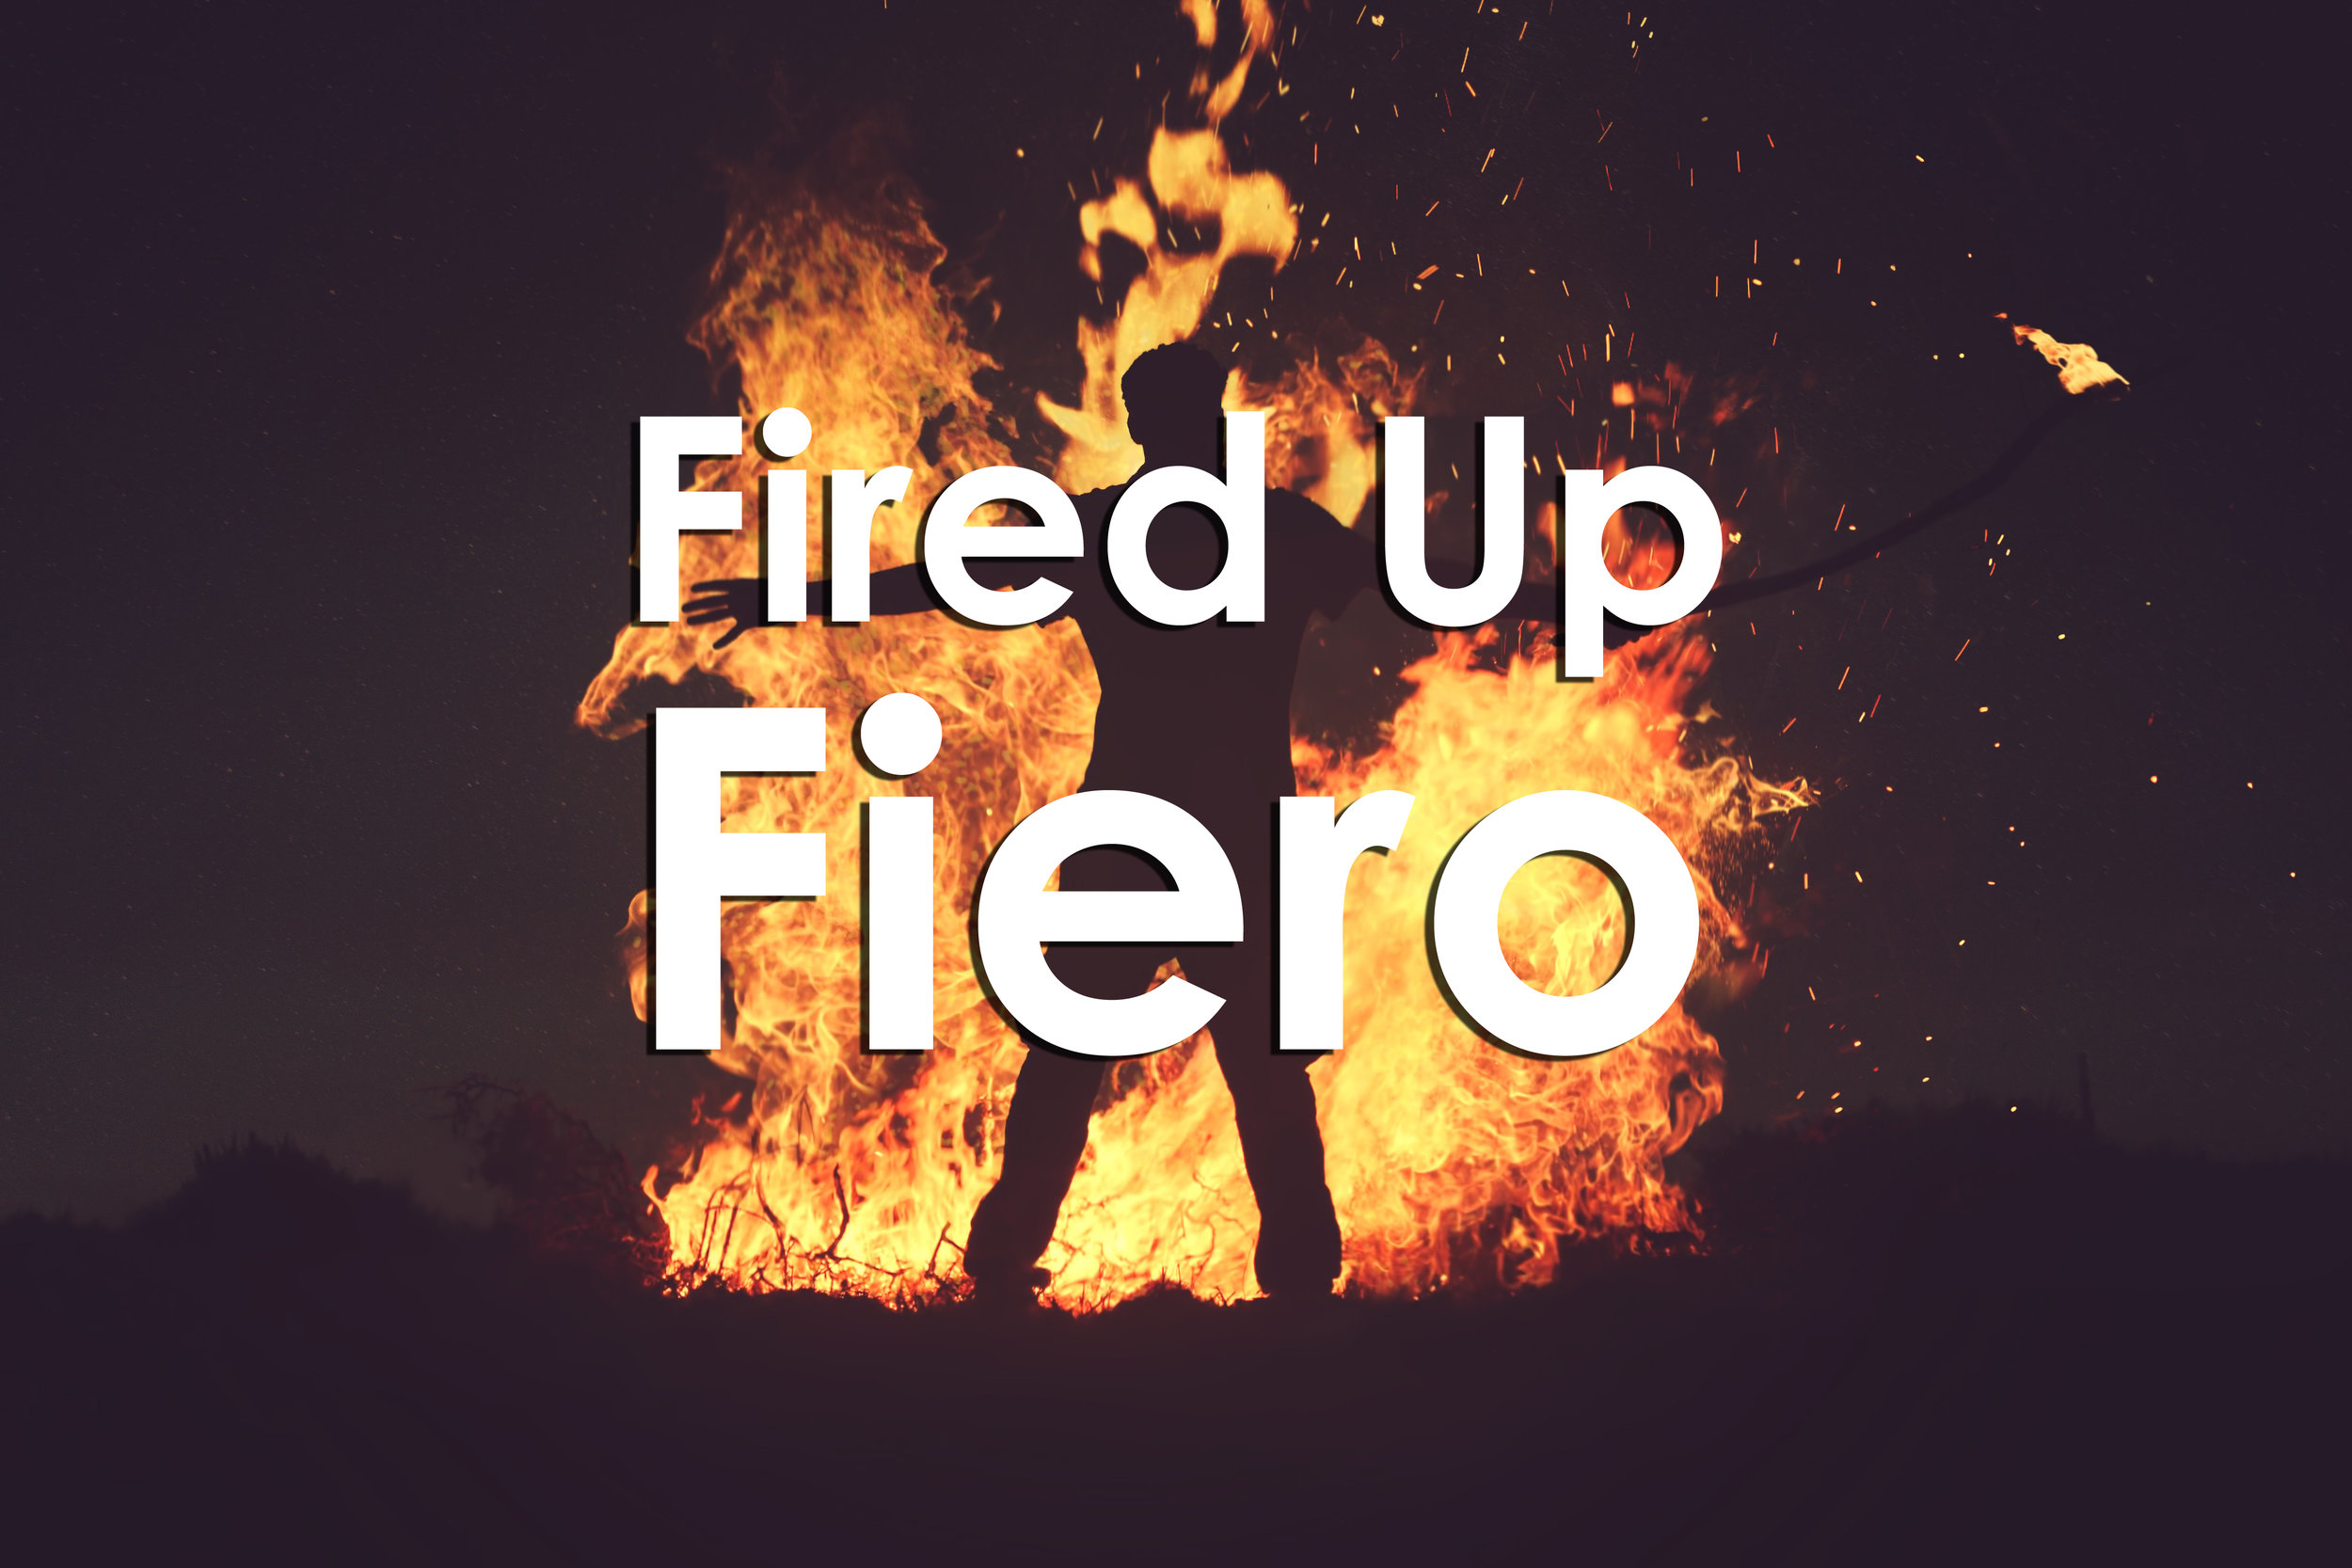 Fired Up Fiero